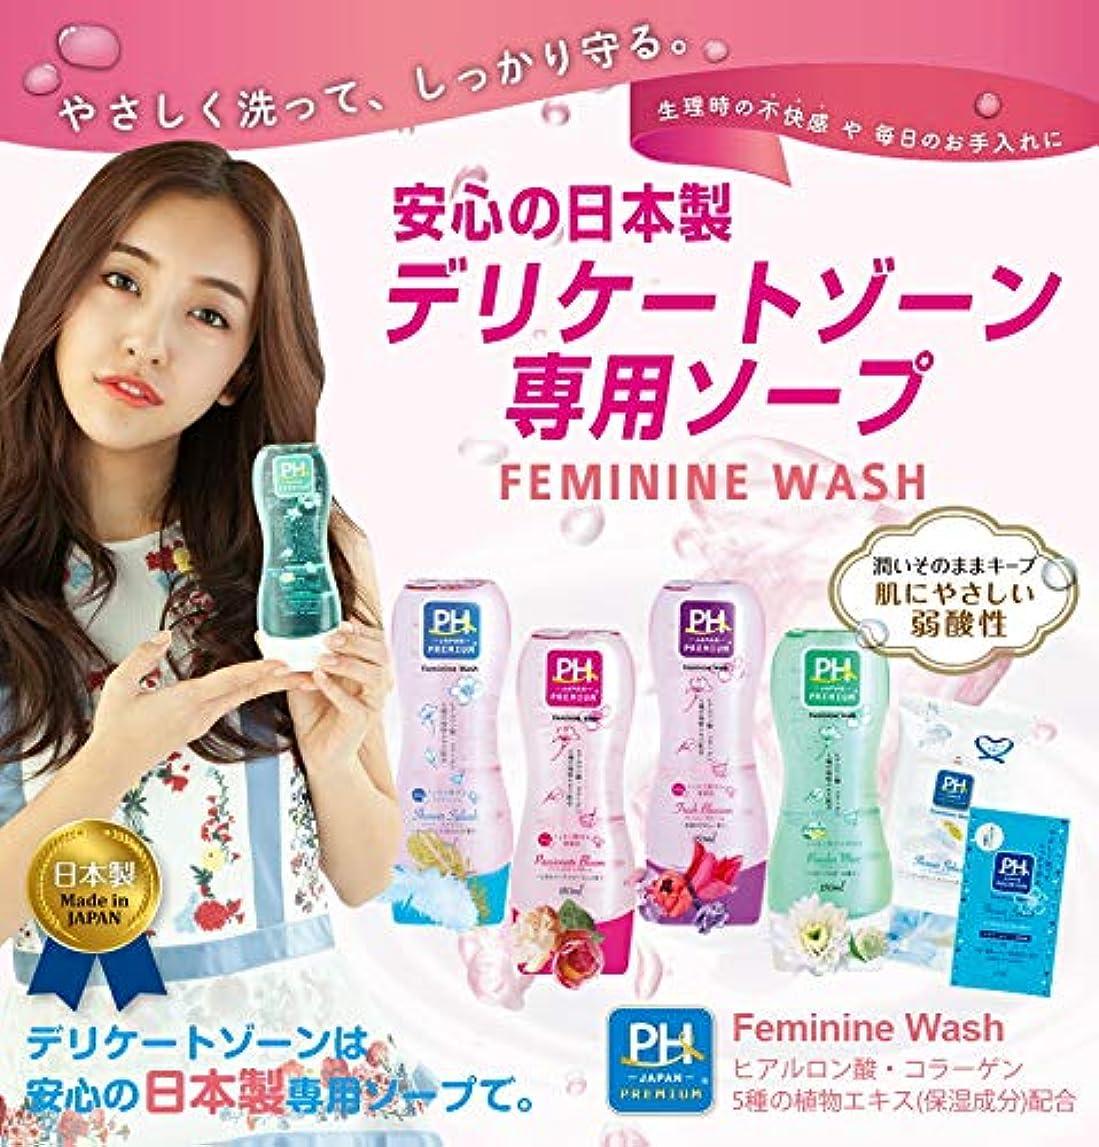 絶縁する哲学起こりやすいPH JAPAN プレミアム フェミニンウォッシュ パッショネイトブルーム150ml上品なローズフローラルの香り 3本セット